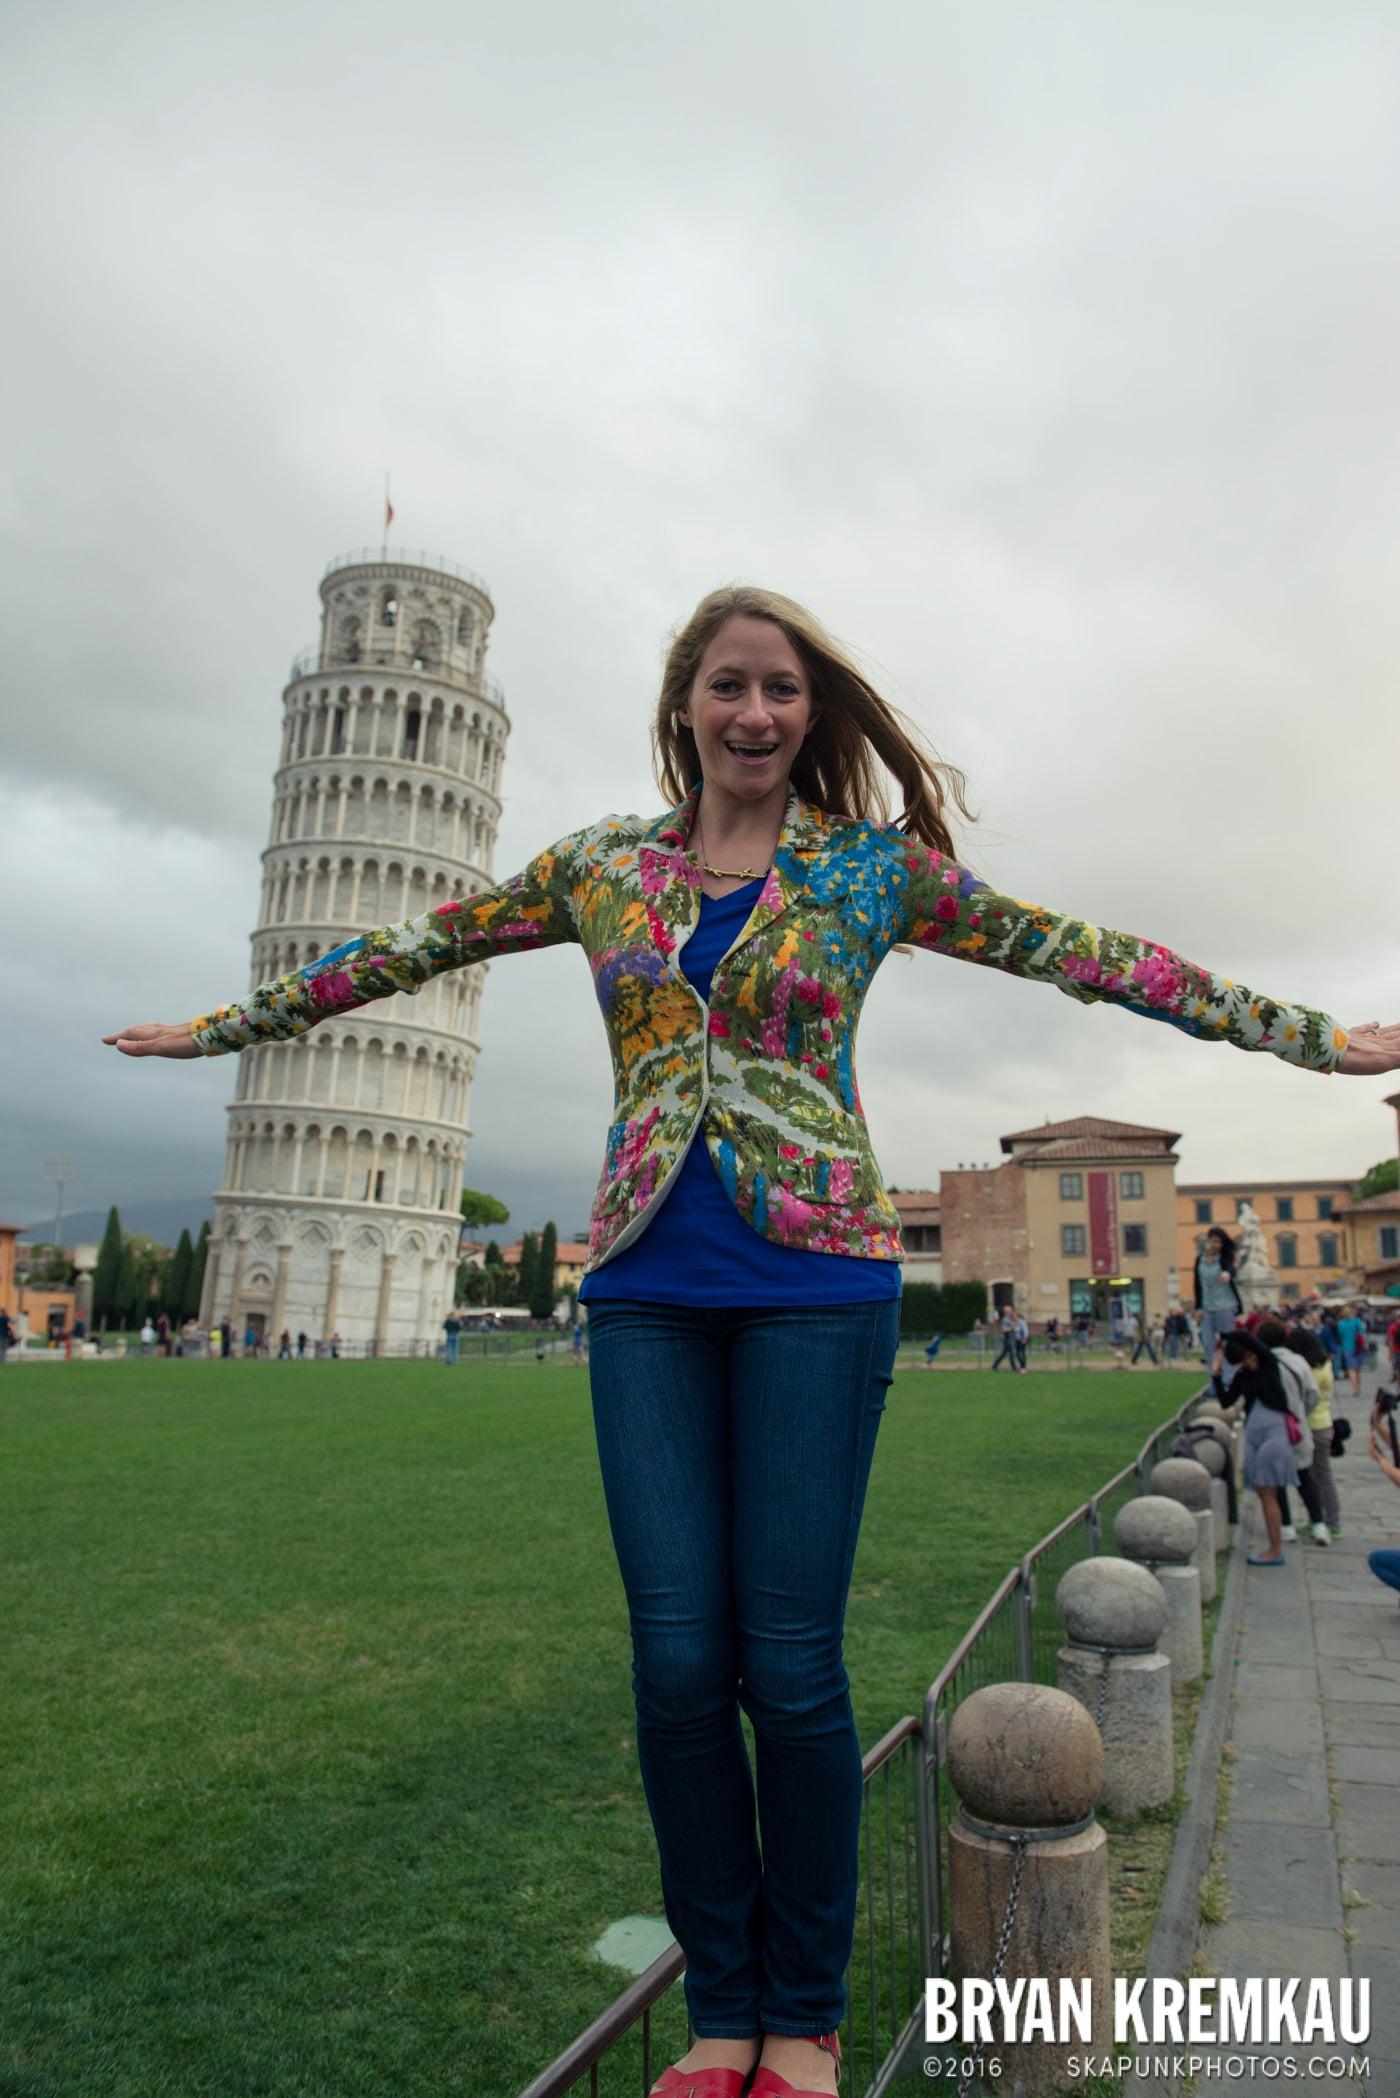 Italy Vacation - Day 8: Siena, San Gimignano, Chianti, Pisa - 9.16.13 (14)